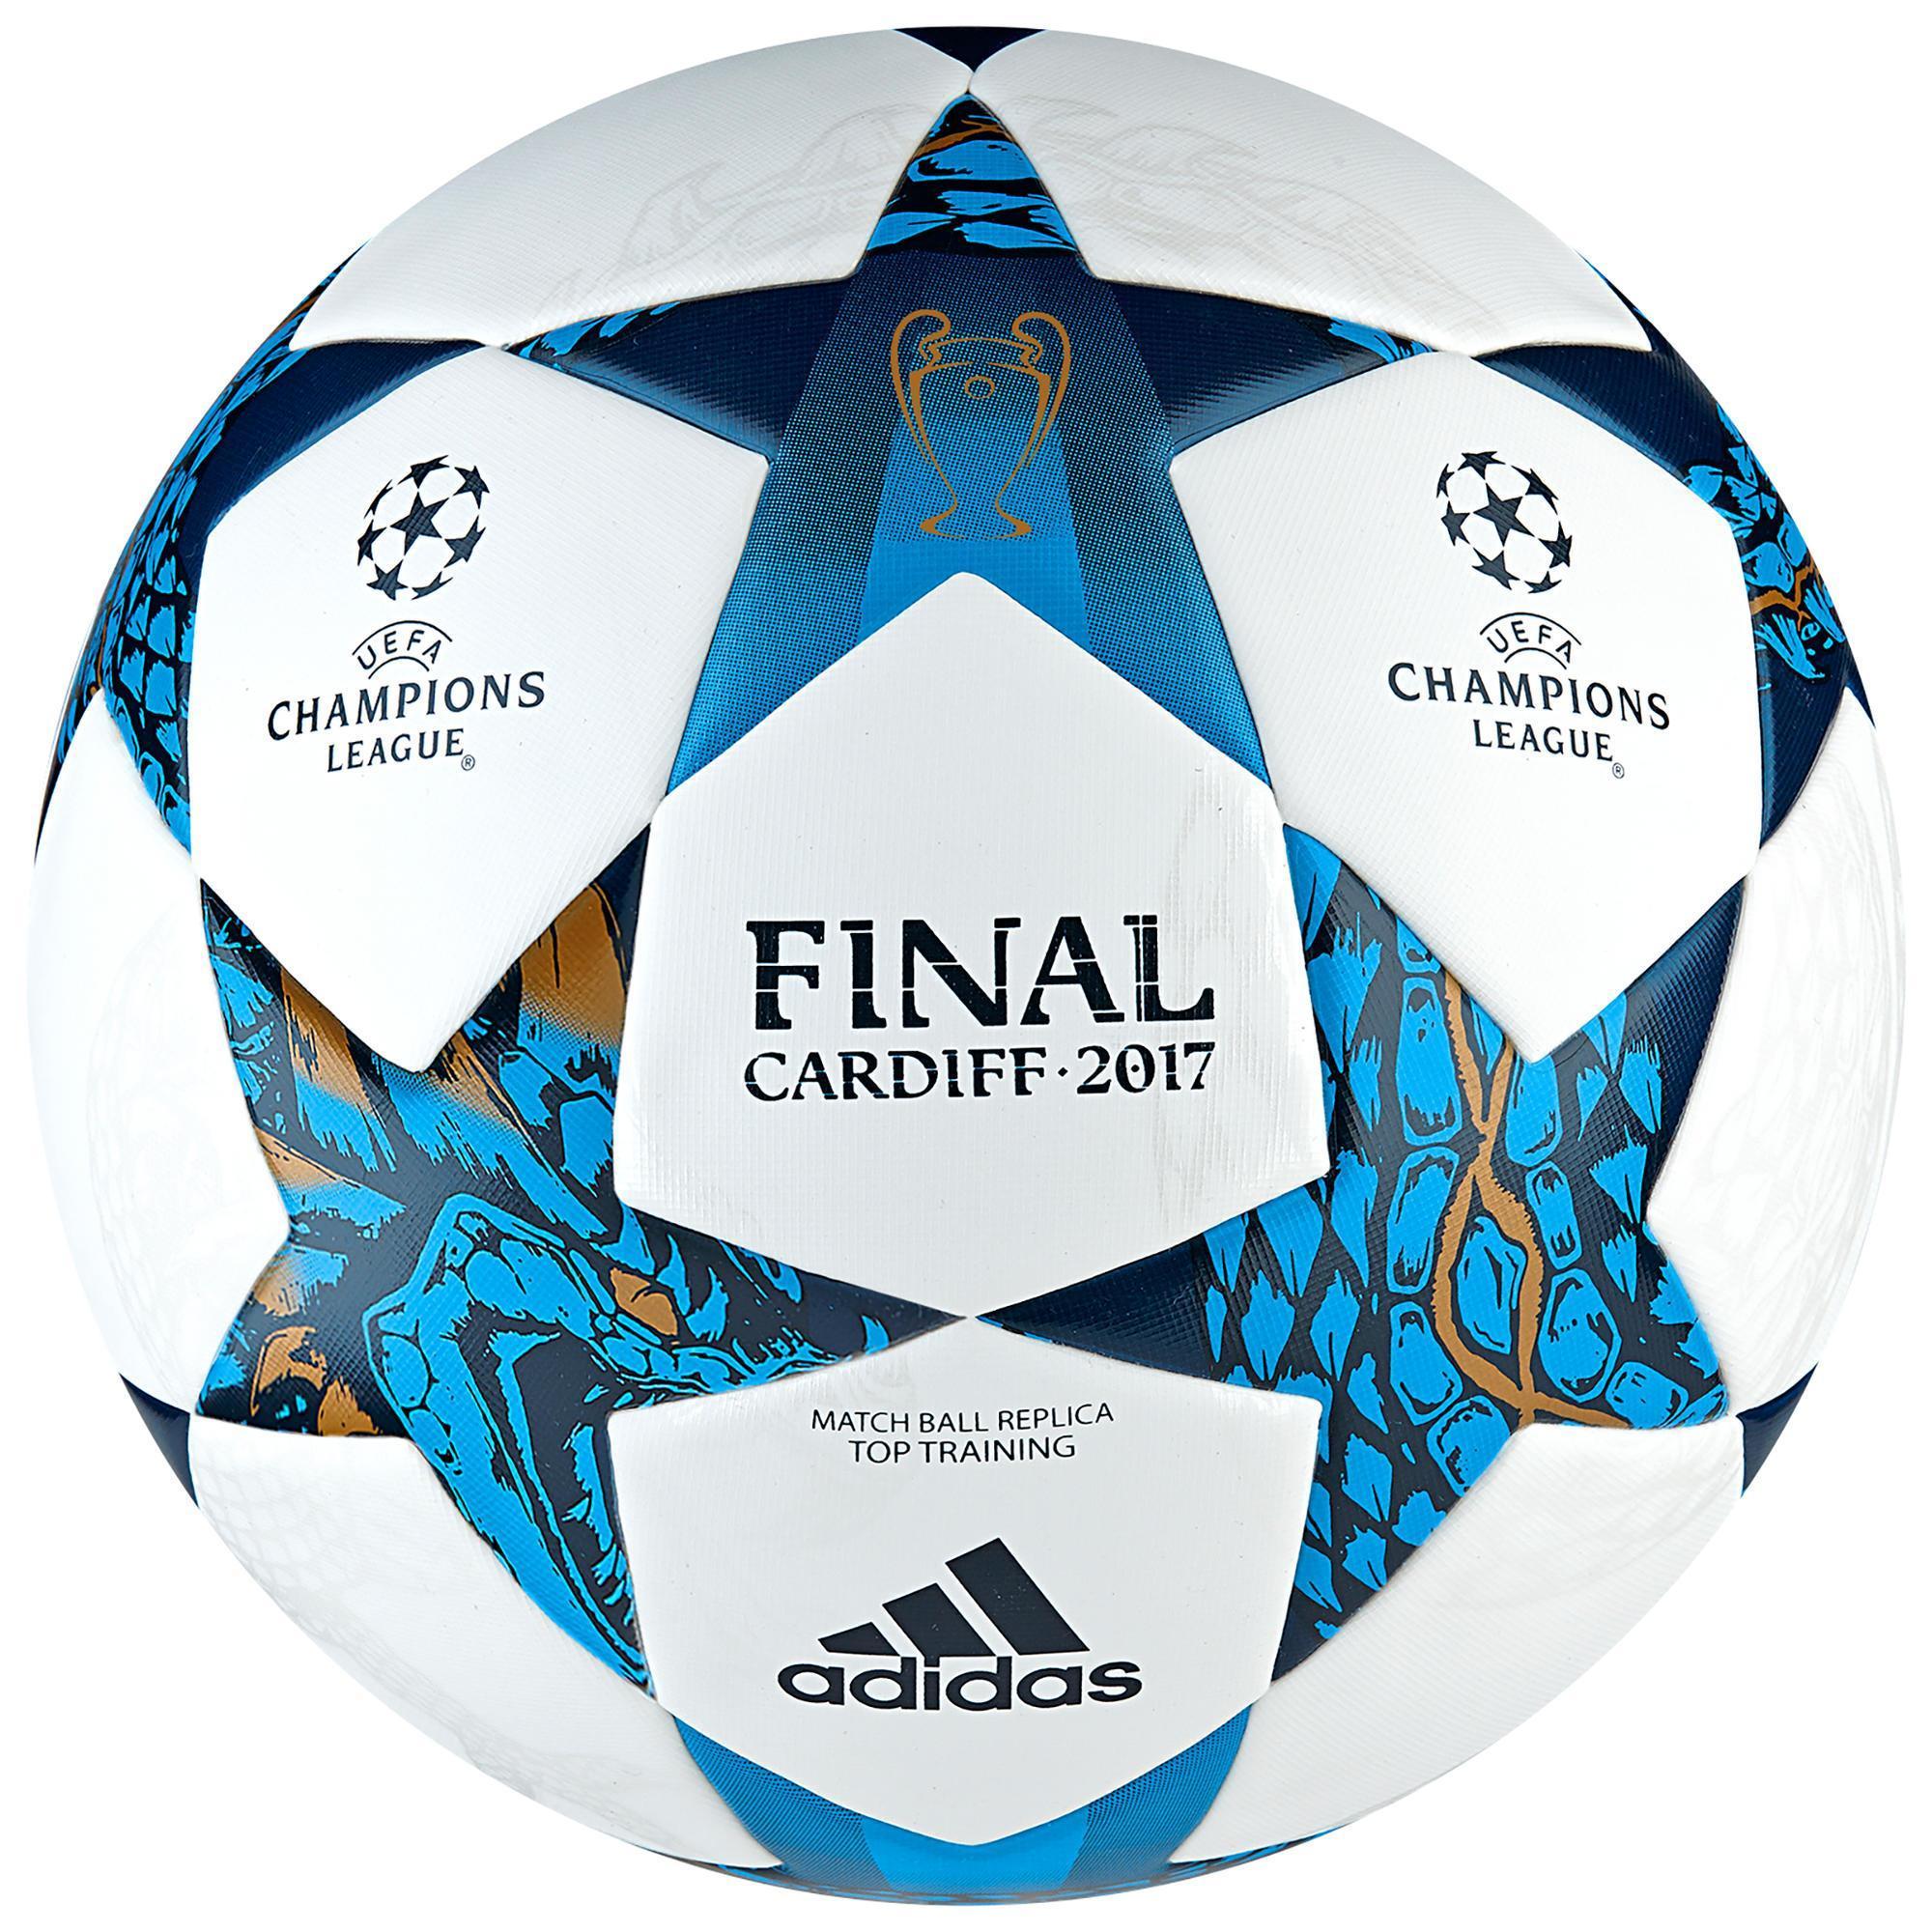 Comprar Balones de Fútbol 11 y Fútbol 7 | Decathlon